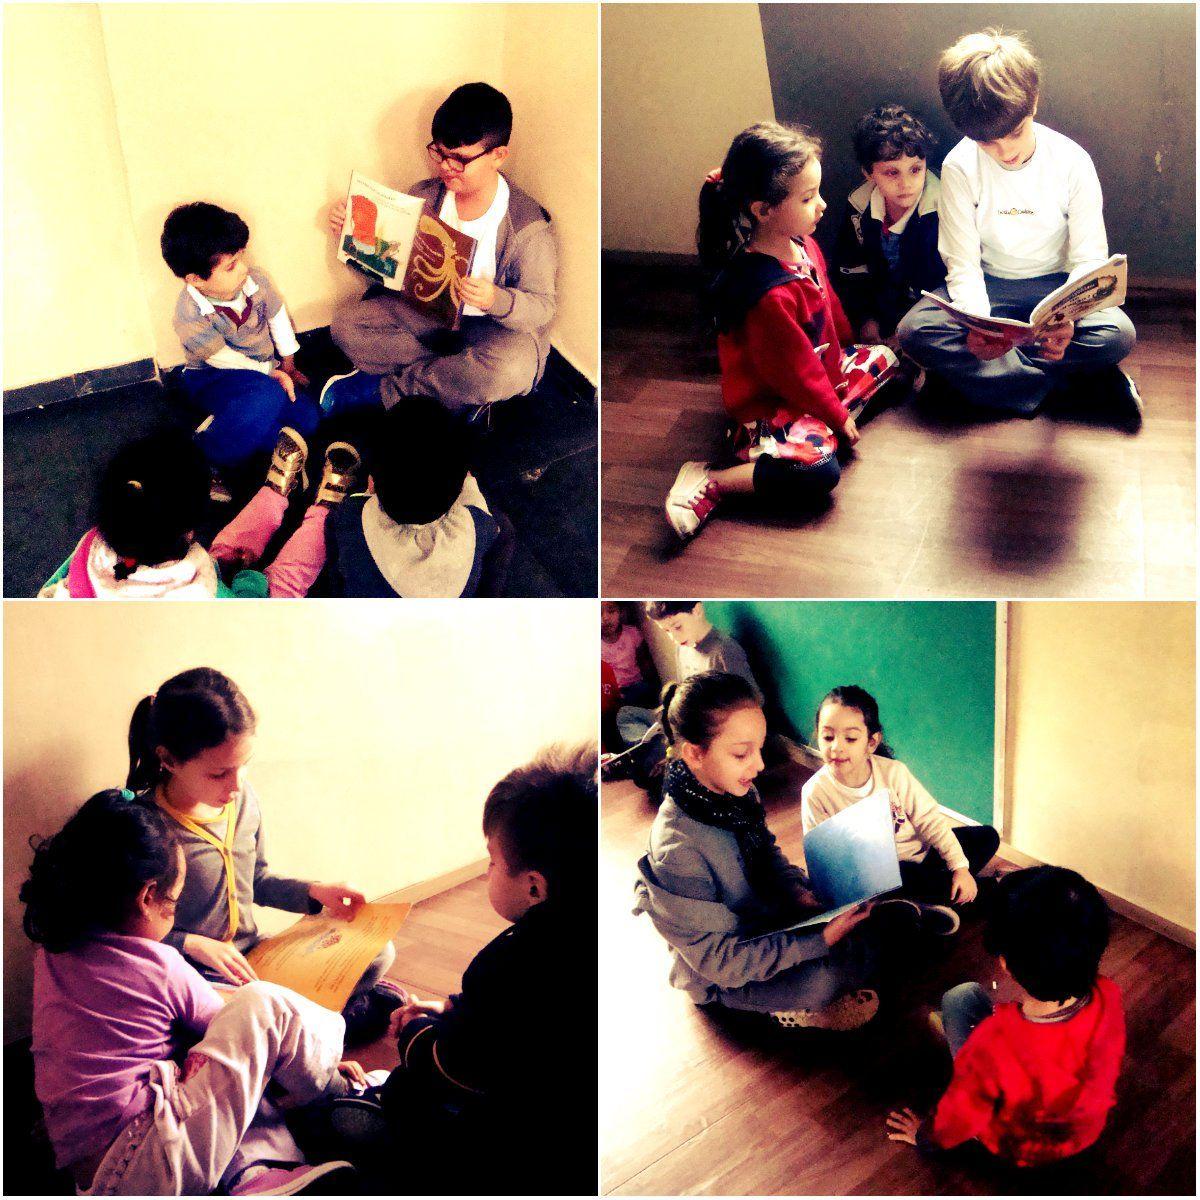 Criança lendo para criança: uma boa forma de estimular a leitura